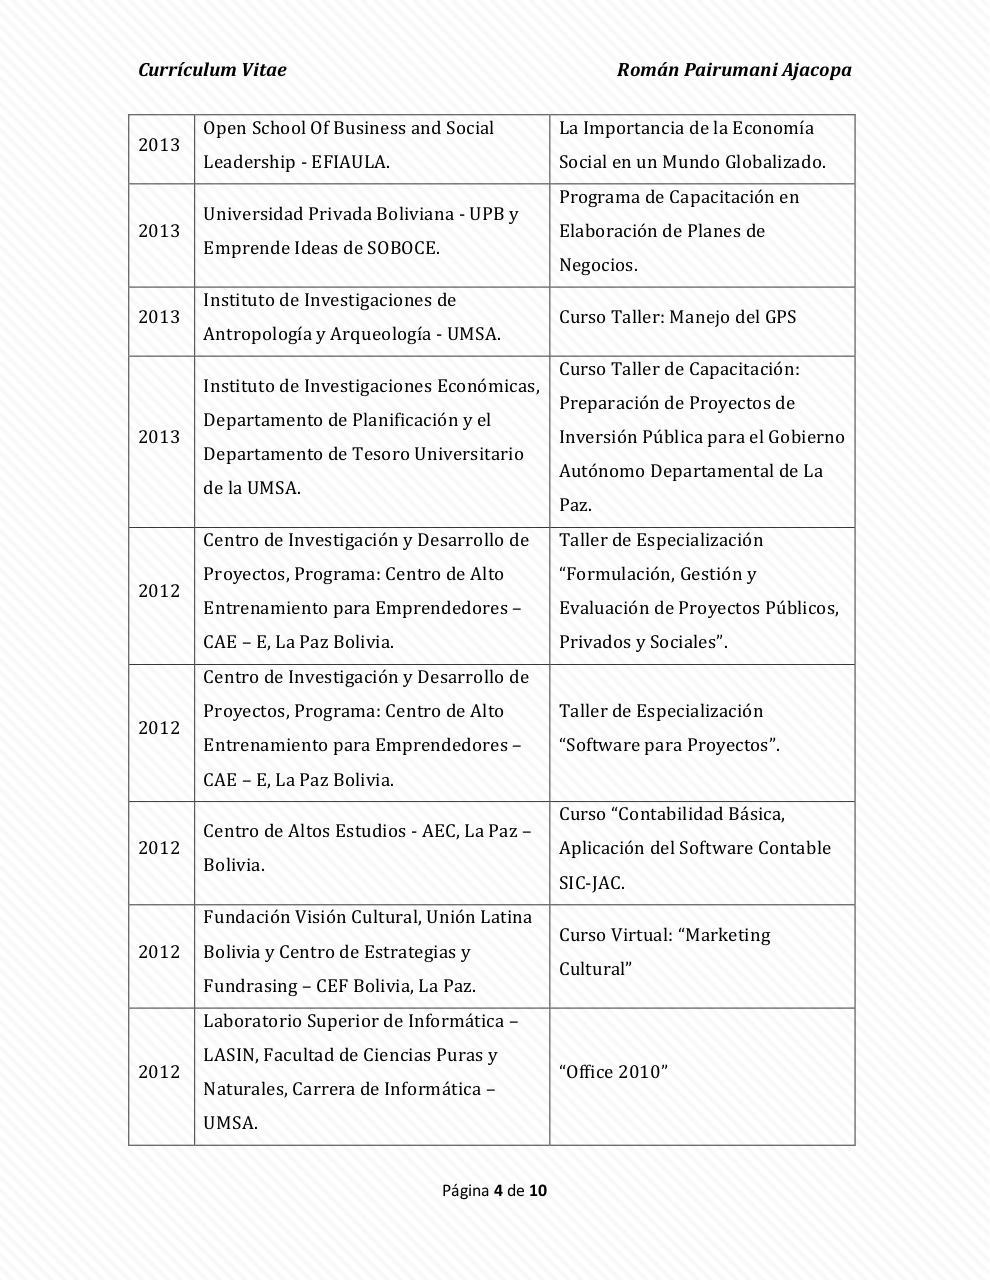 Curraculum Vitae Por User Cv Roman Pairumani Ajacopa Pdf Caja Pdf